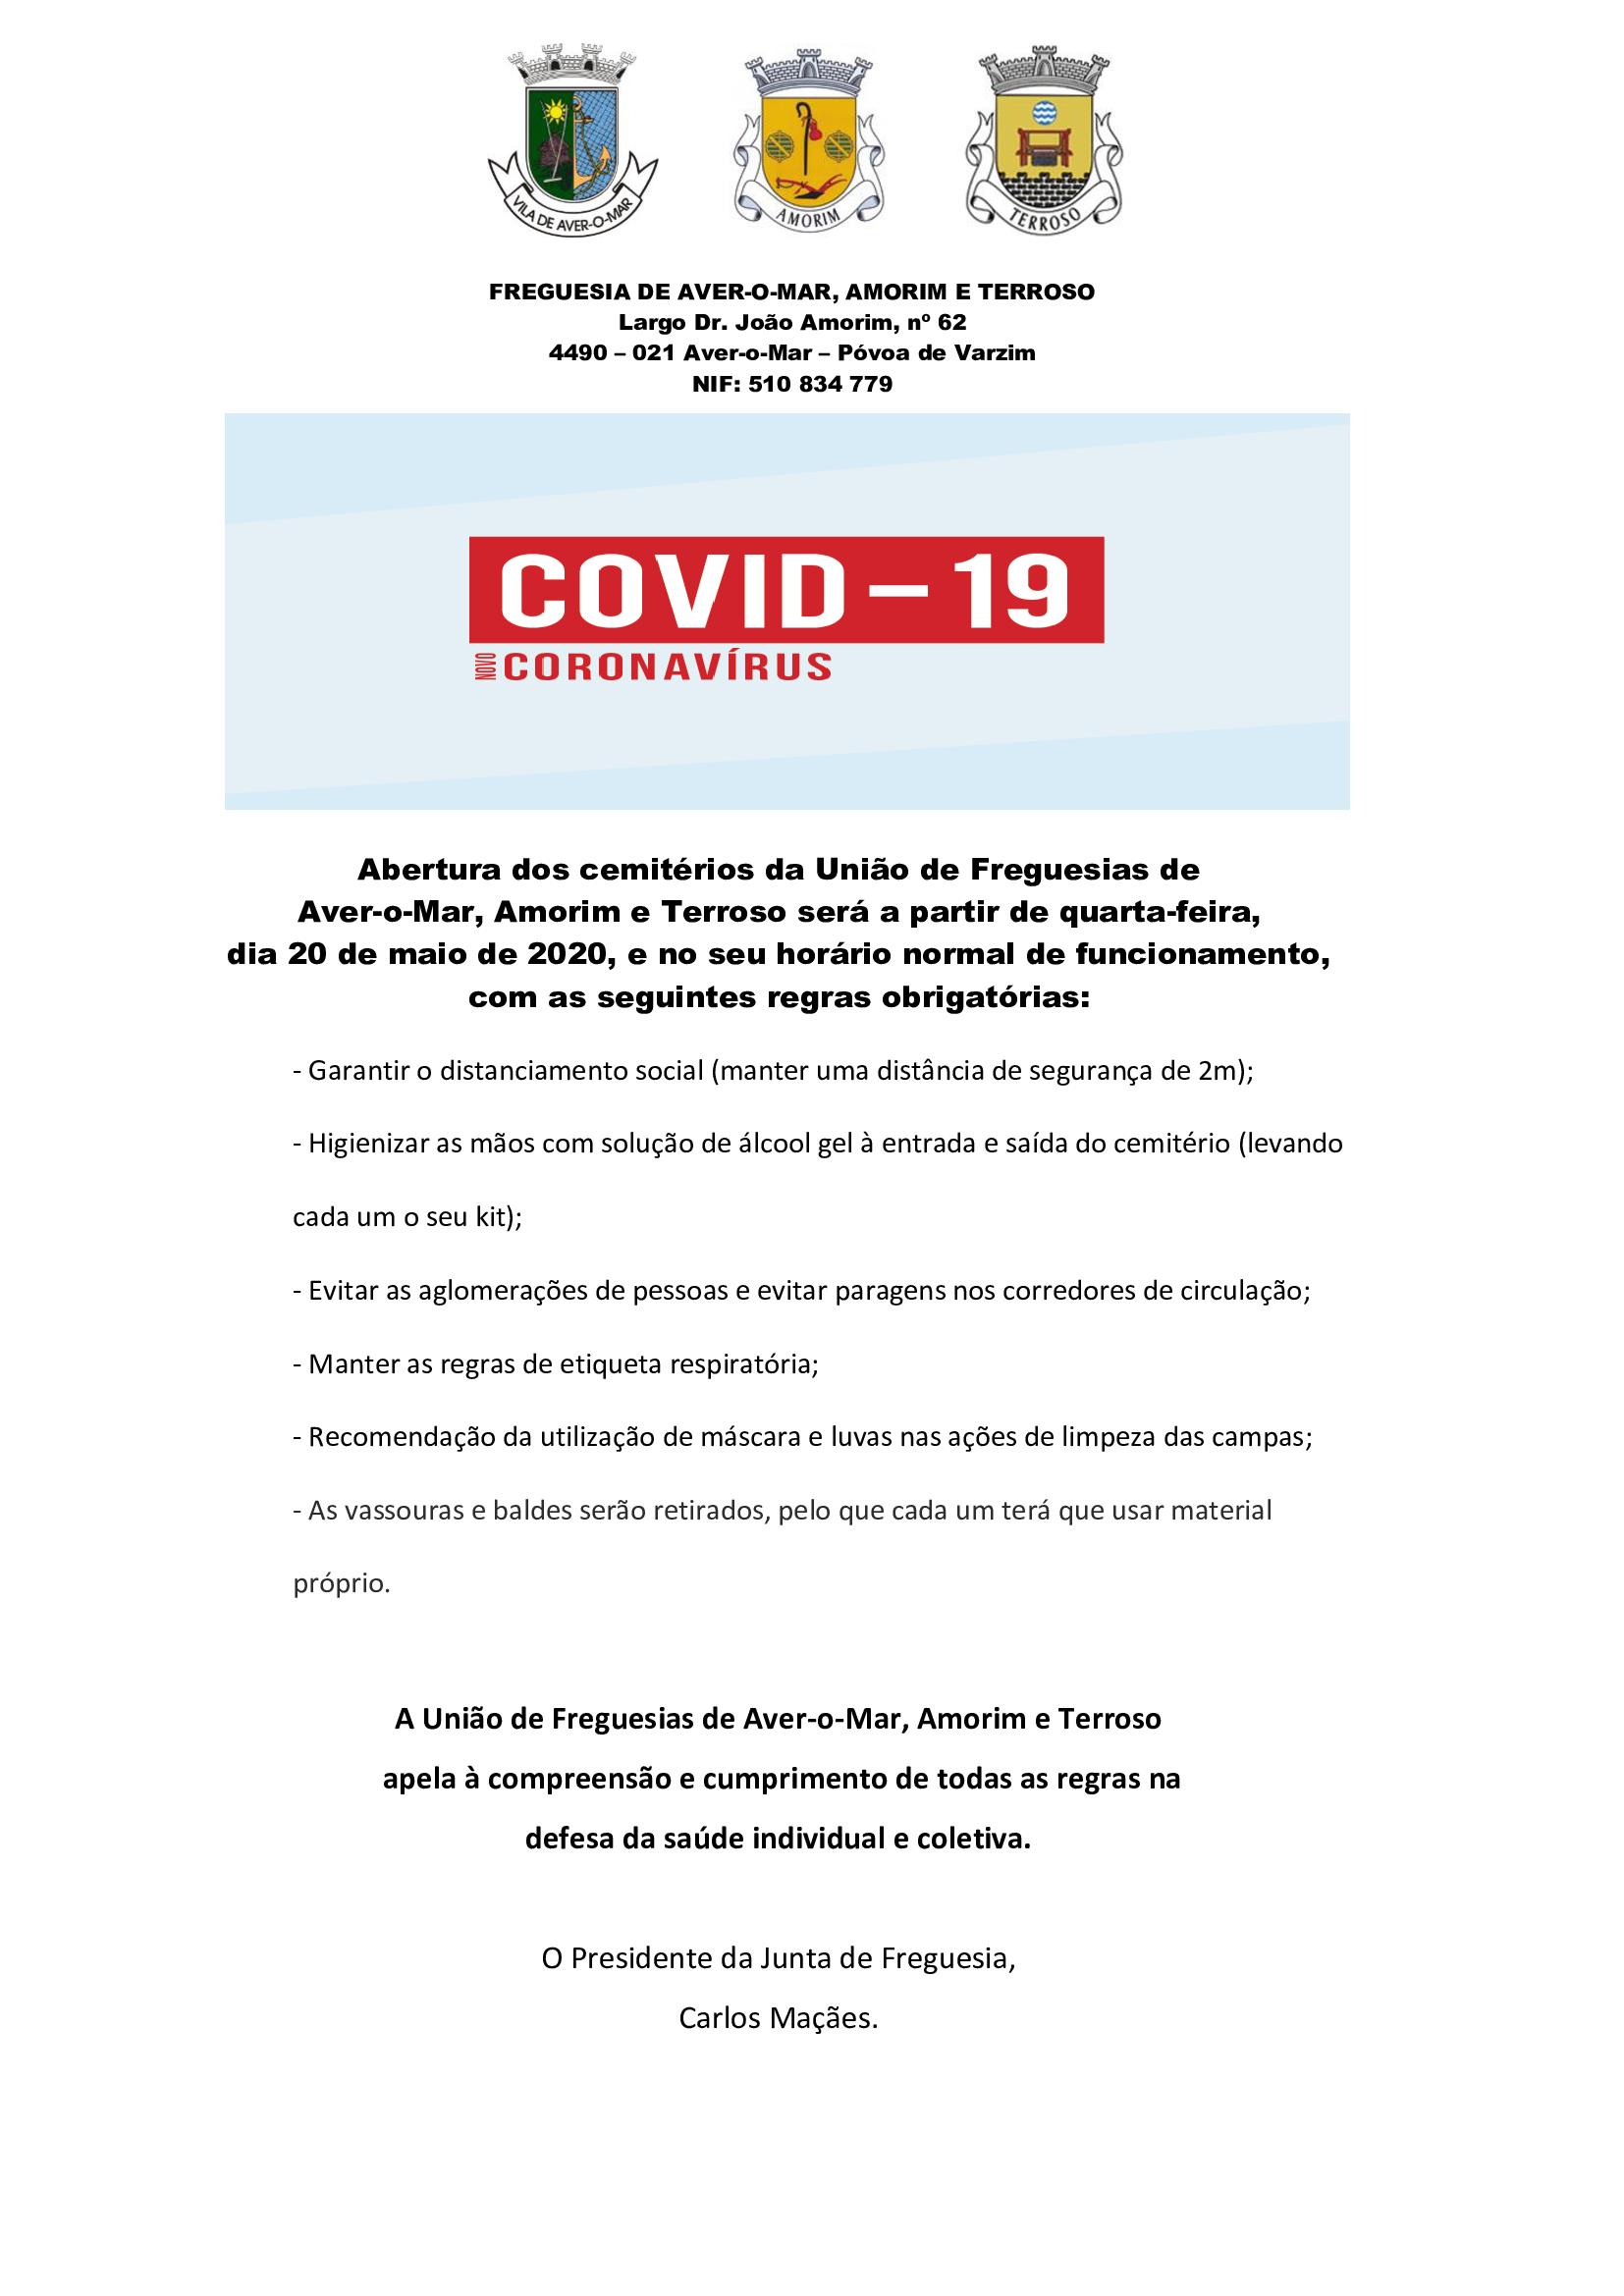 REABERTURA DOS CEMITÉRIOS NA UNIÃO DE FREGUESIAS DE AVER-O-MAR, AMORIM E TERROSO